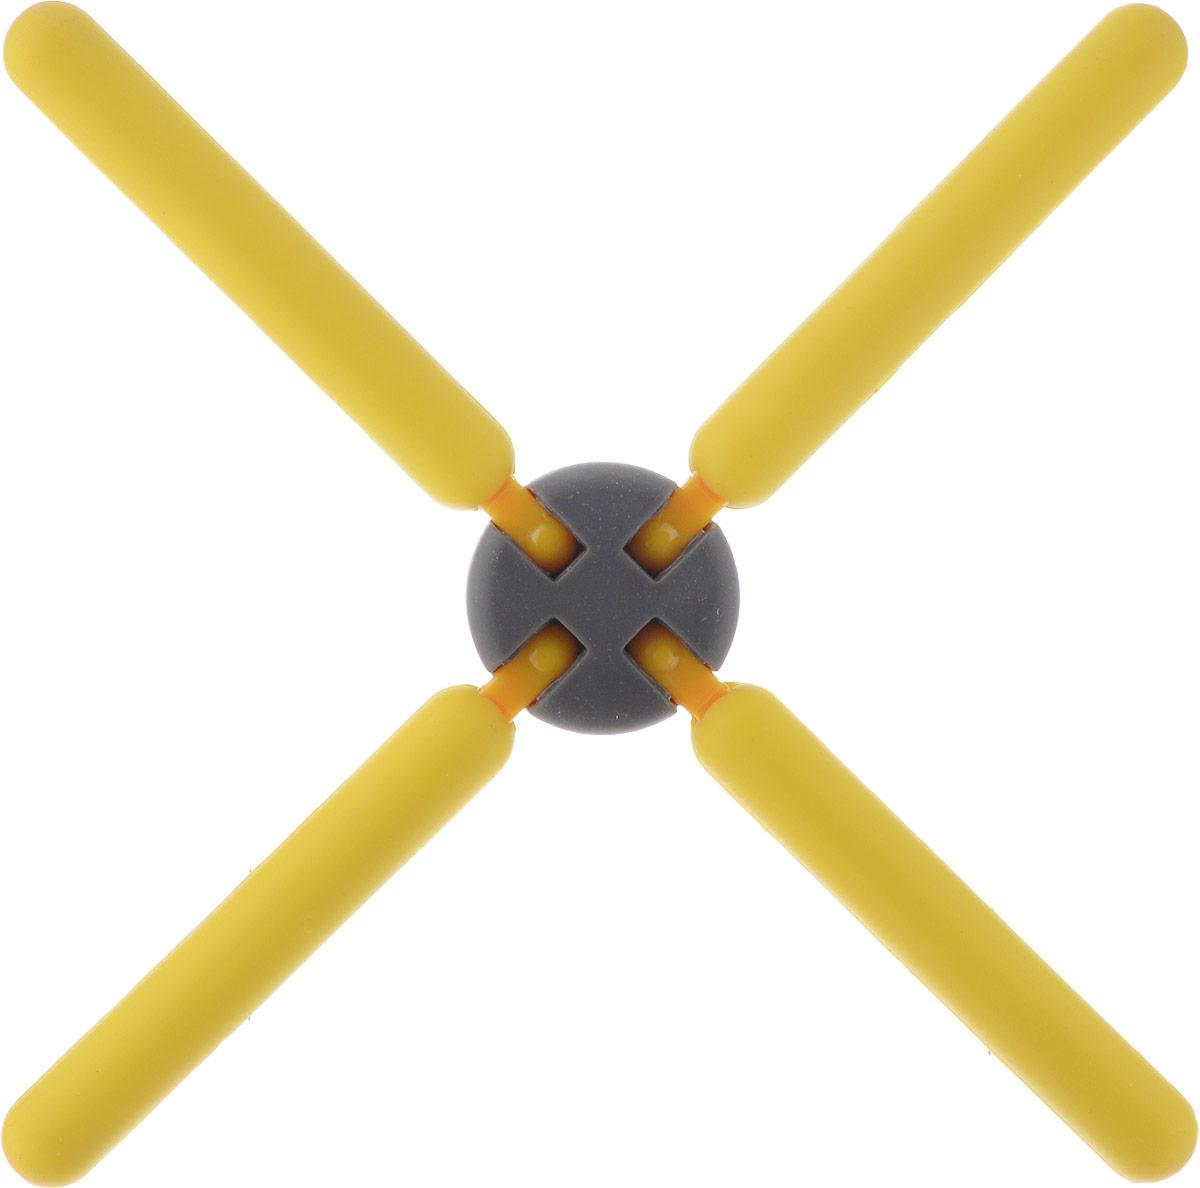 Подставка под горячее Mayer & Boch, цвет: желтый, 22 см. 21939-221939-2Подставка под горячее Mayer & Boch изготовлена из термостойкого силикона. Имеет красивый дизайн, яркие цвета.Подставка оформлена в виде 4 палочек, соединенных в середине.Складная. Занимает мало места.Раскладывается на 4 стороны.